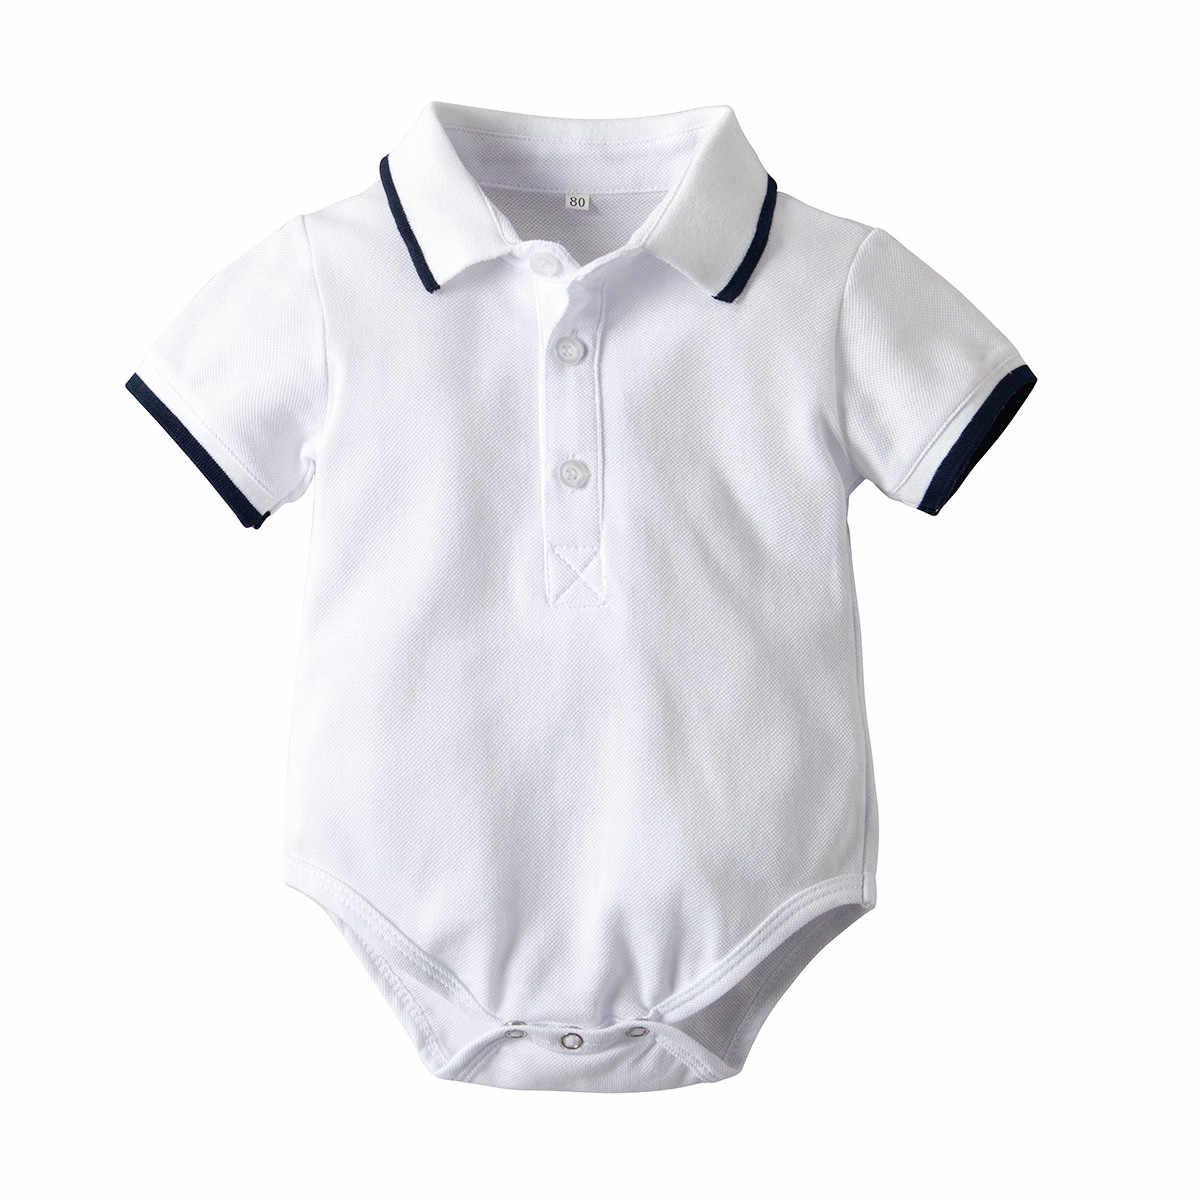 Bebê meninos macacão macacão cavalheiro manga curta cor sólida macacão infantil bebê recém-nascido meninos roupas macacão traje